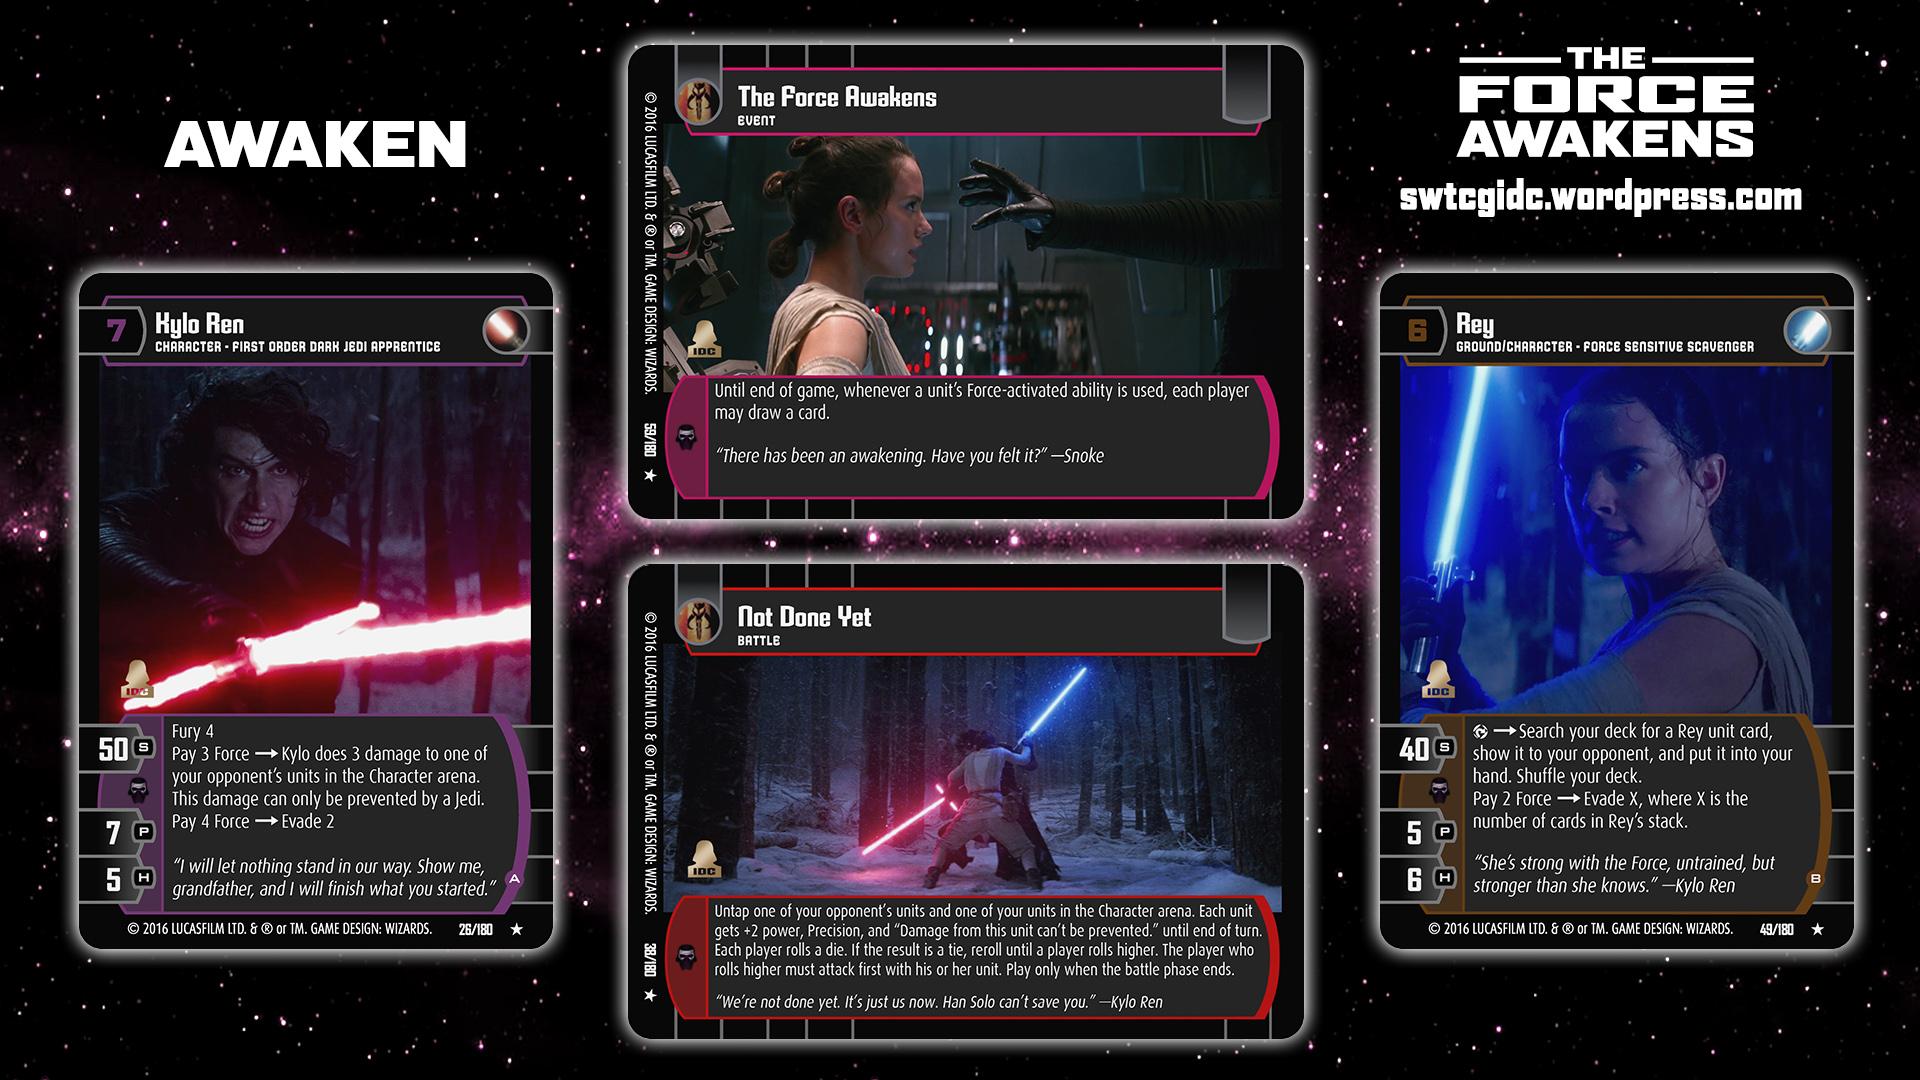 Star Wars Trading Card Game The Force Awakens Wallpaper 6 Awaken